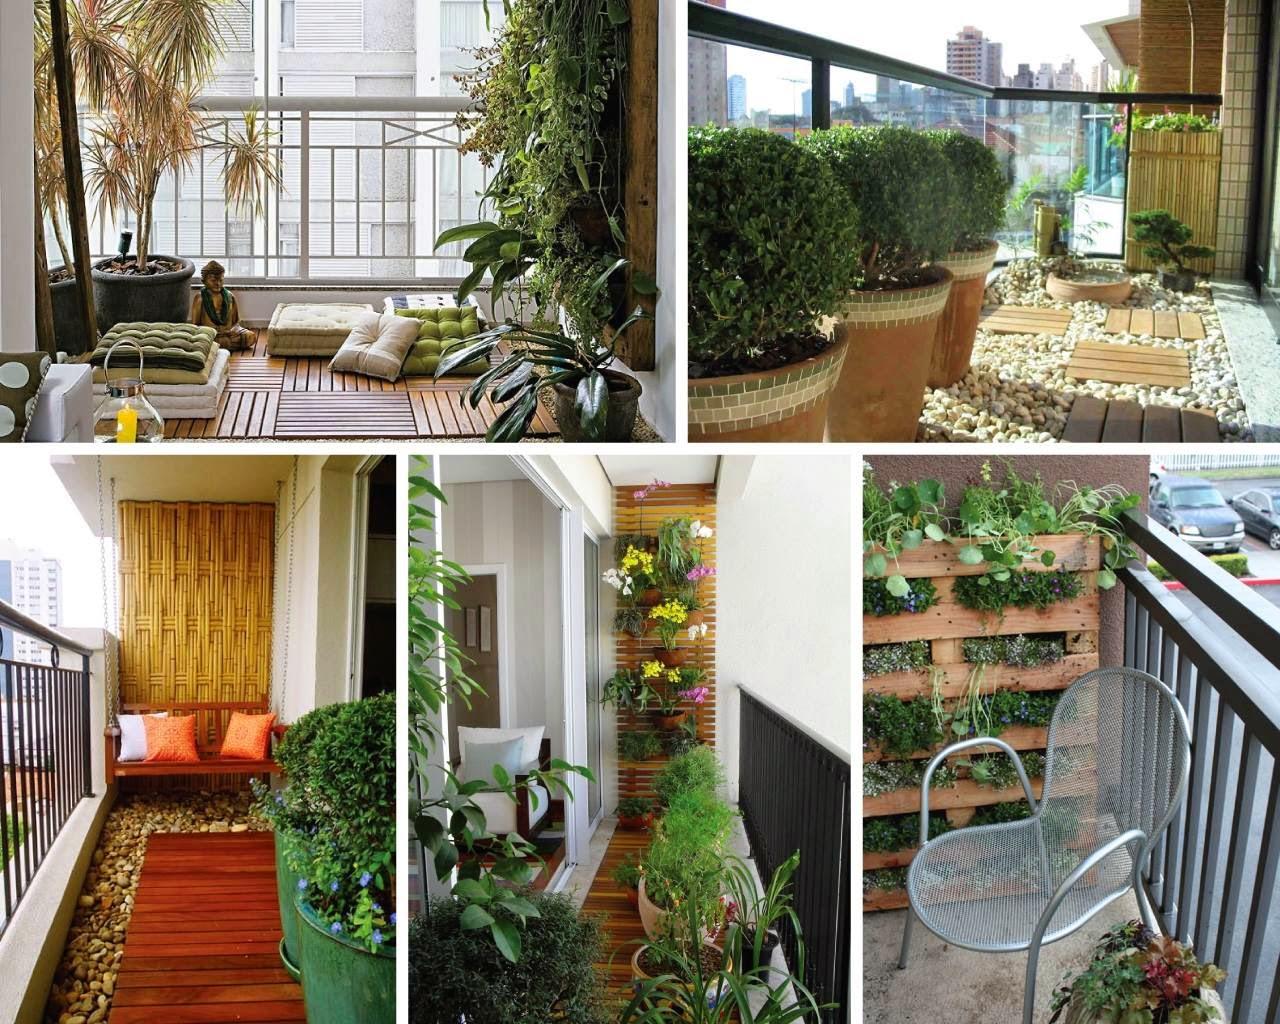 mesa jardim de inverno:Fika a Dika – Por um Mundo Melhor: Jardim de Inverno